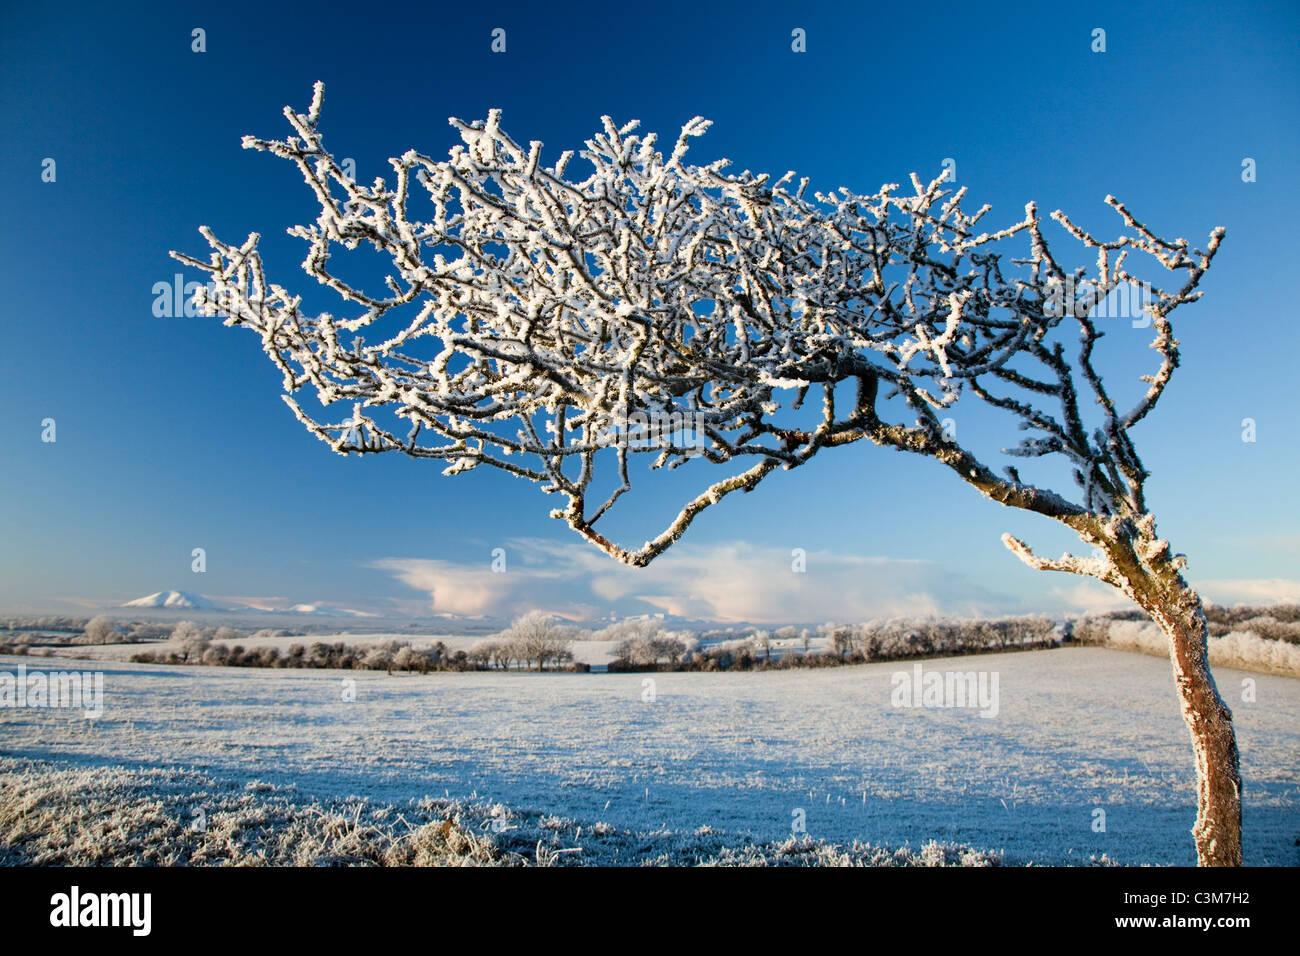 Doblado de viento espino cubierto por el invierno helada hoar, condado de Sligo, Irlanda. Foto de stock